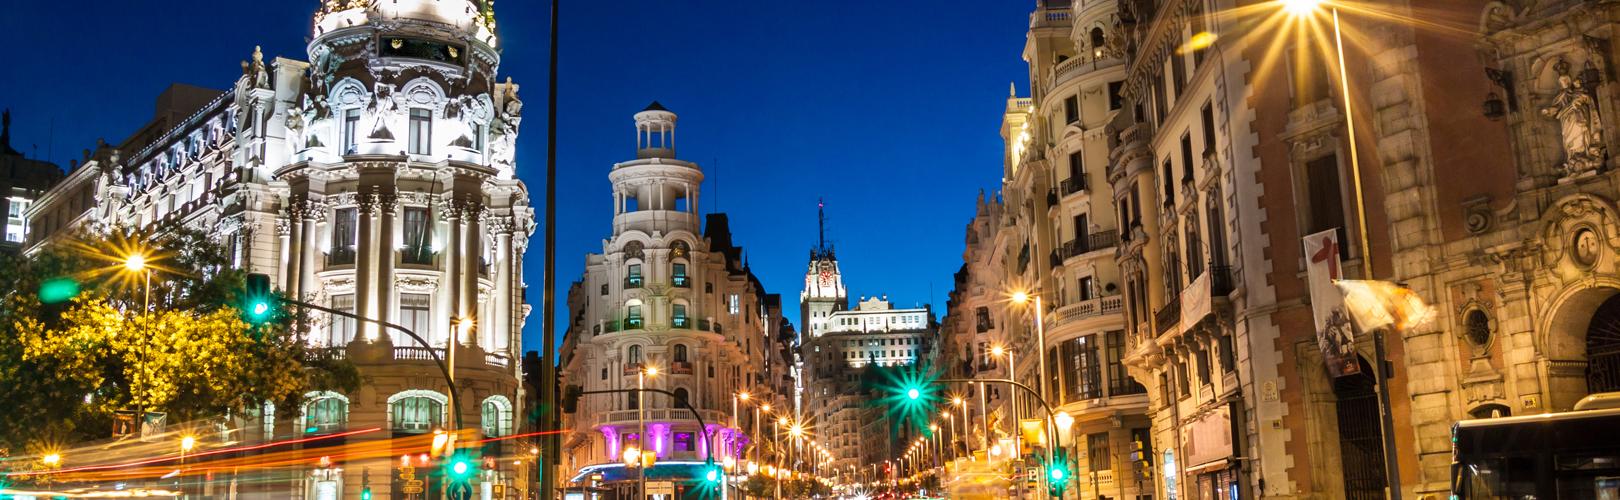 Για 4 μέρες στη Μαδρίτη - Αεροπορικά και Ξενοδοχείο!